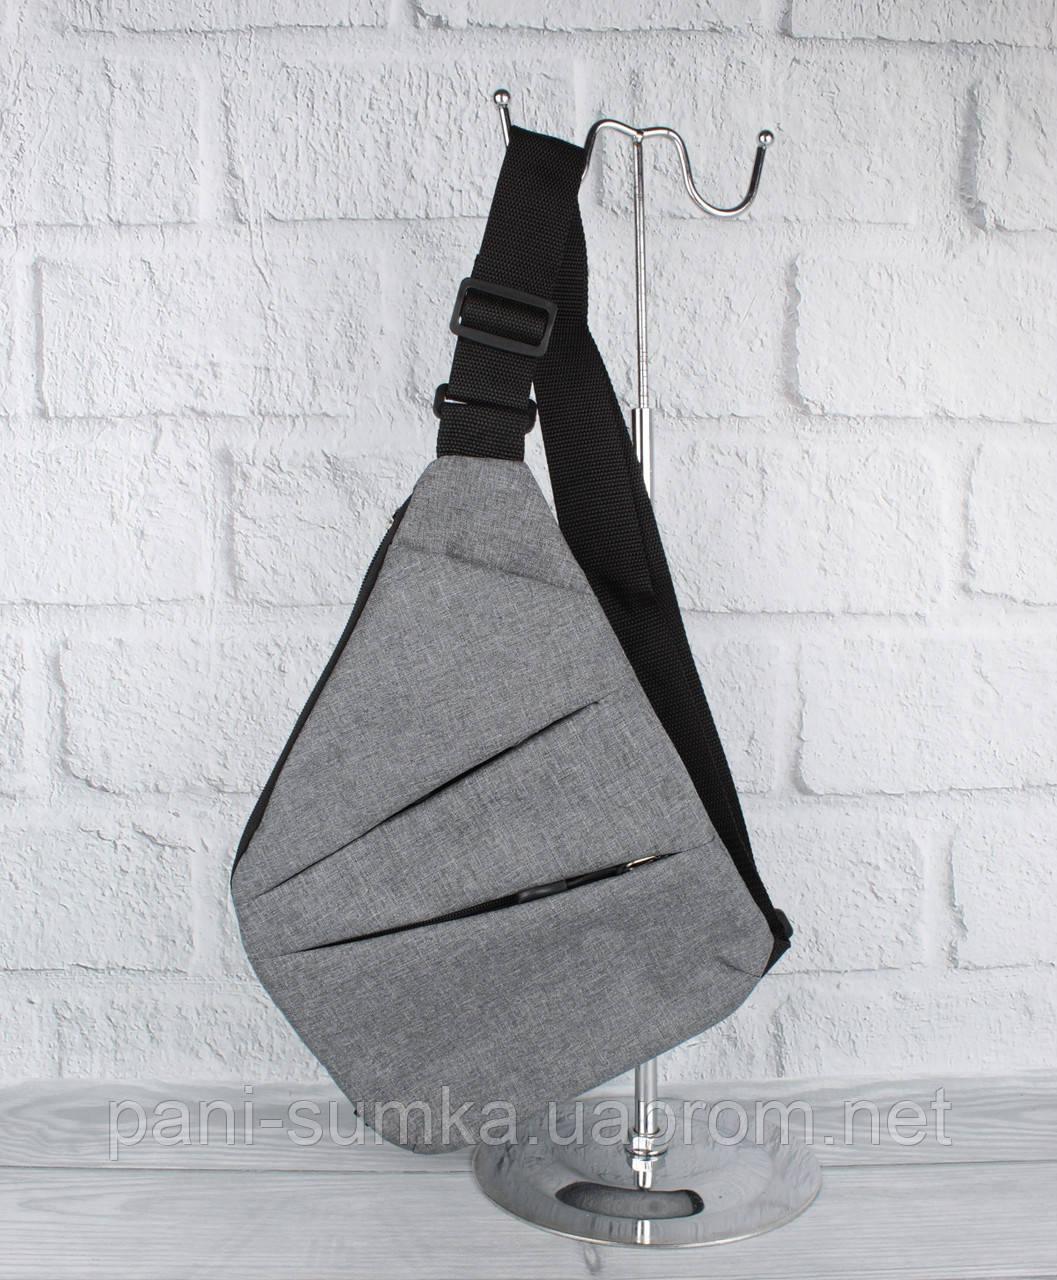 Чоловіча сумка-слінг, кобура, рюкзак через плече 8061 сірий